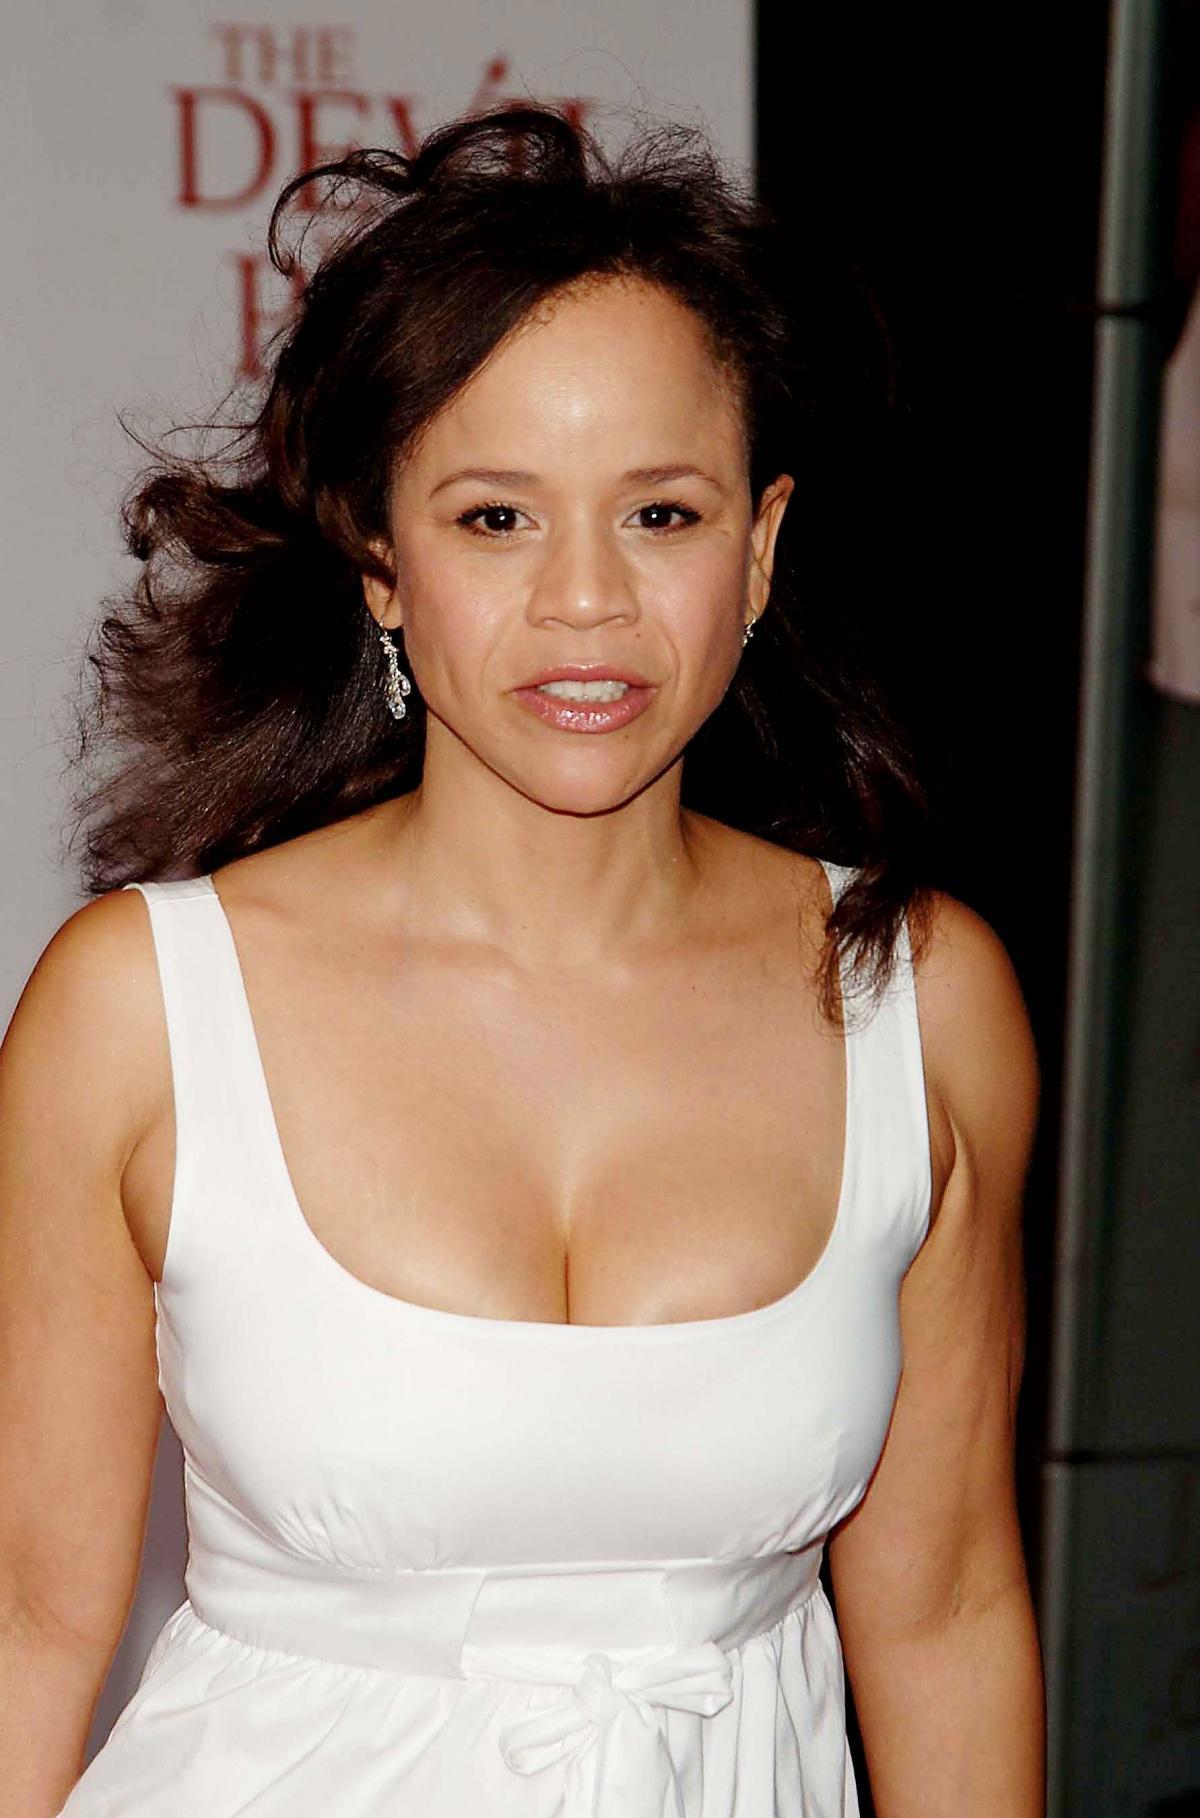 Rosie Perez Biography, Rosie Perezs Famous Quotes